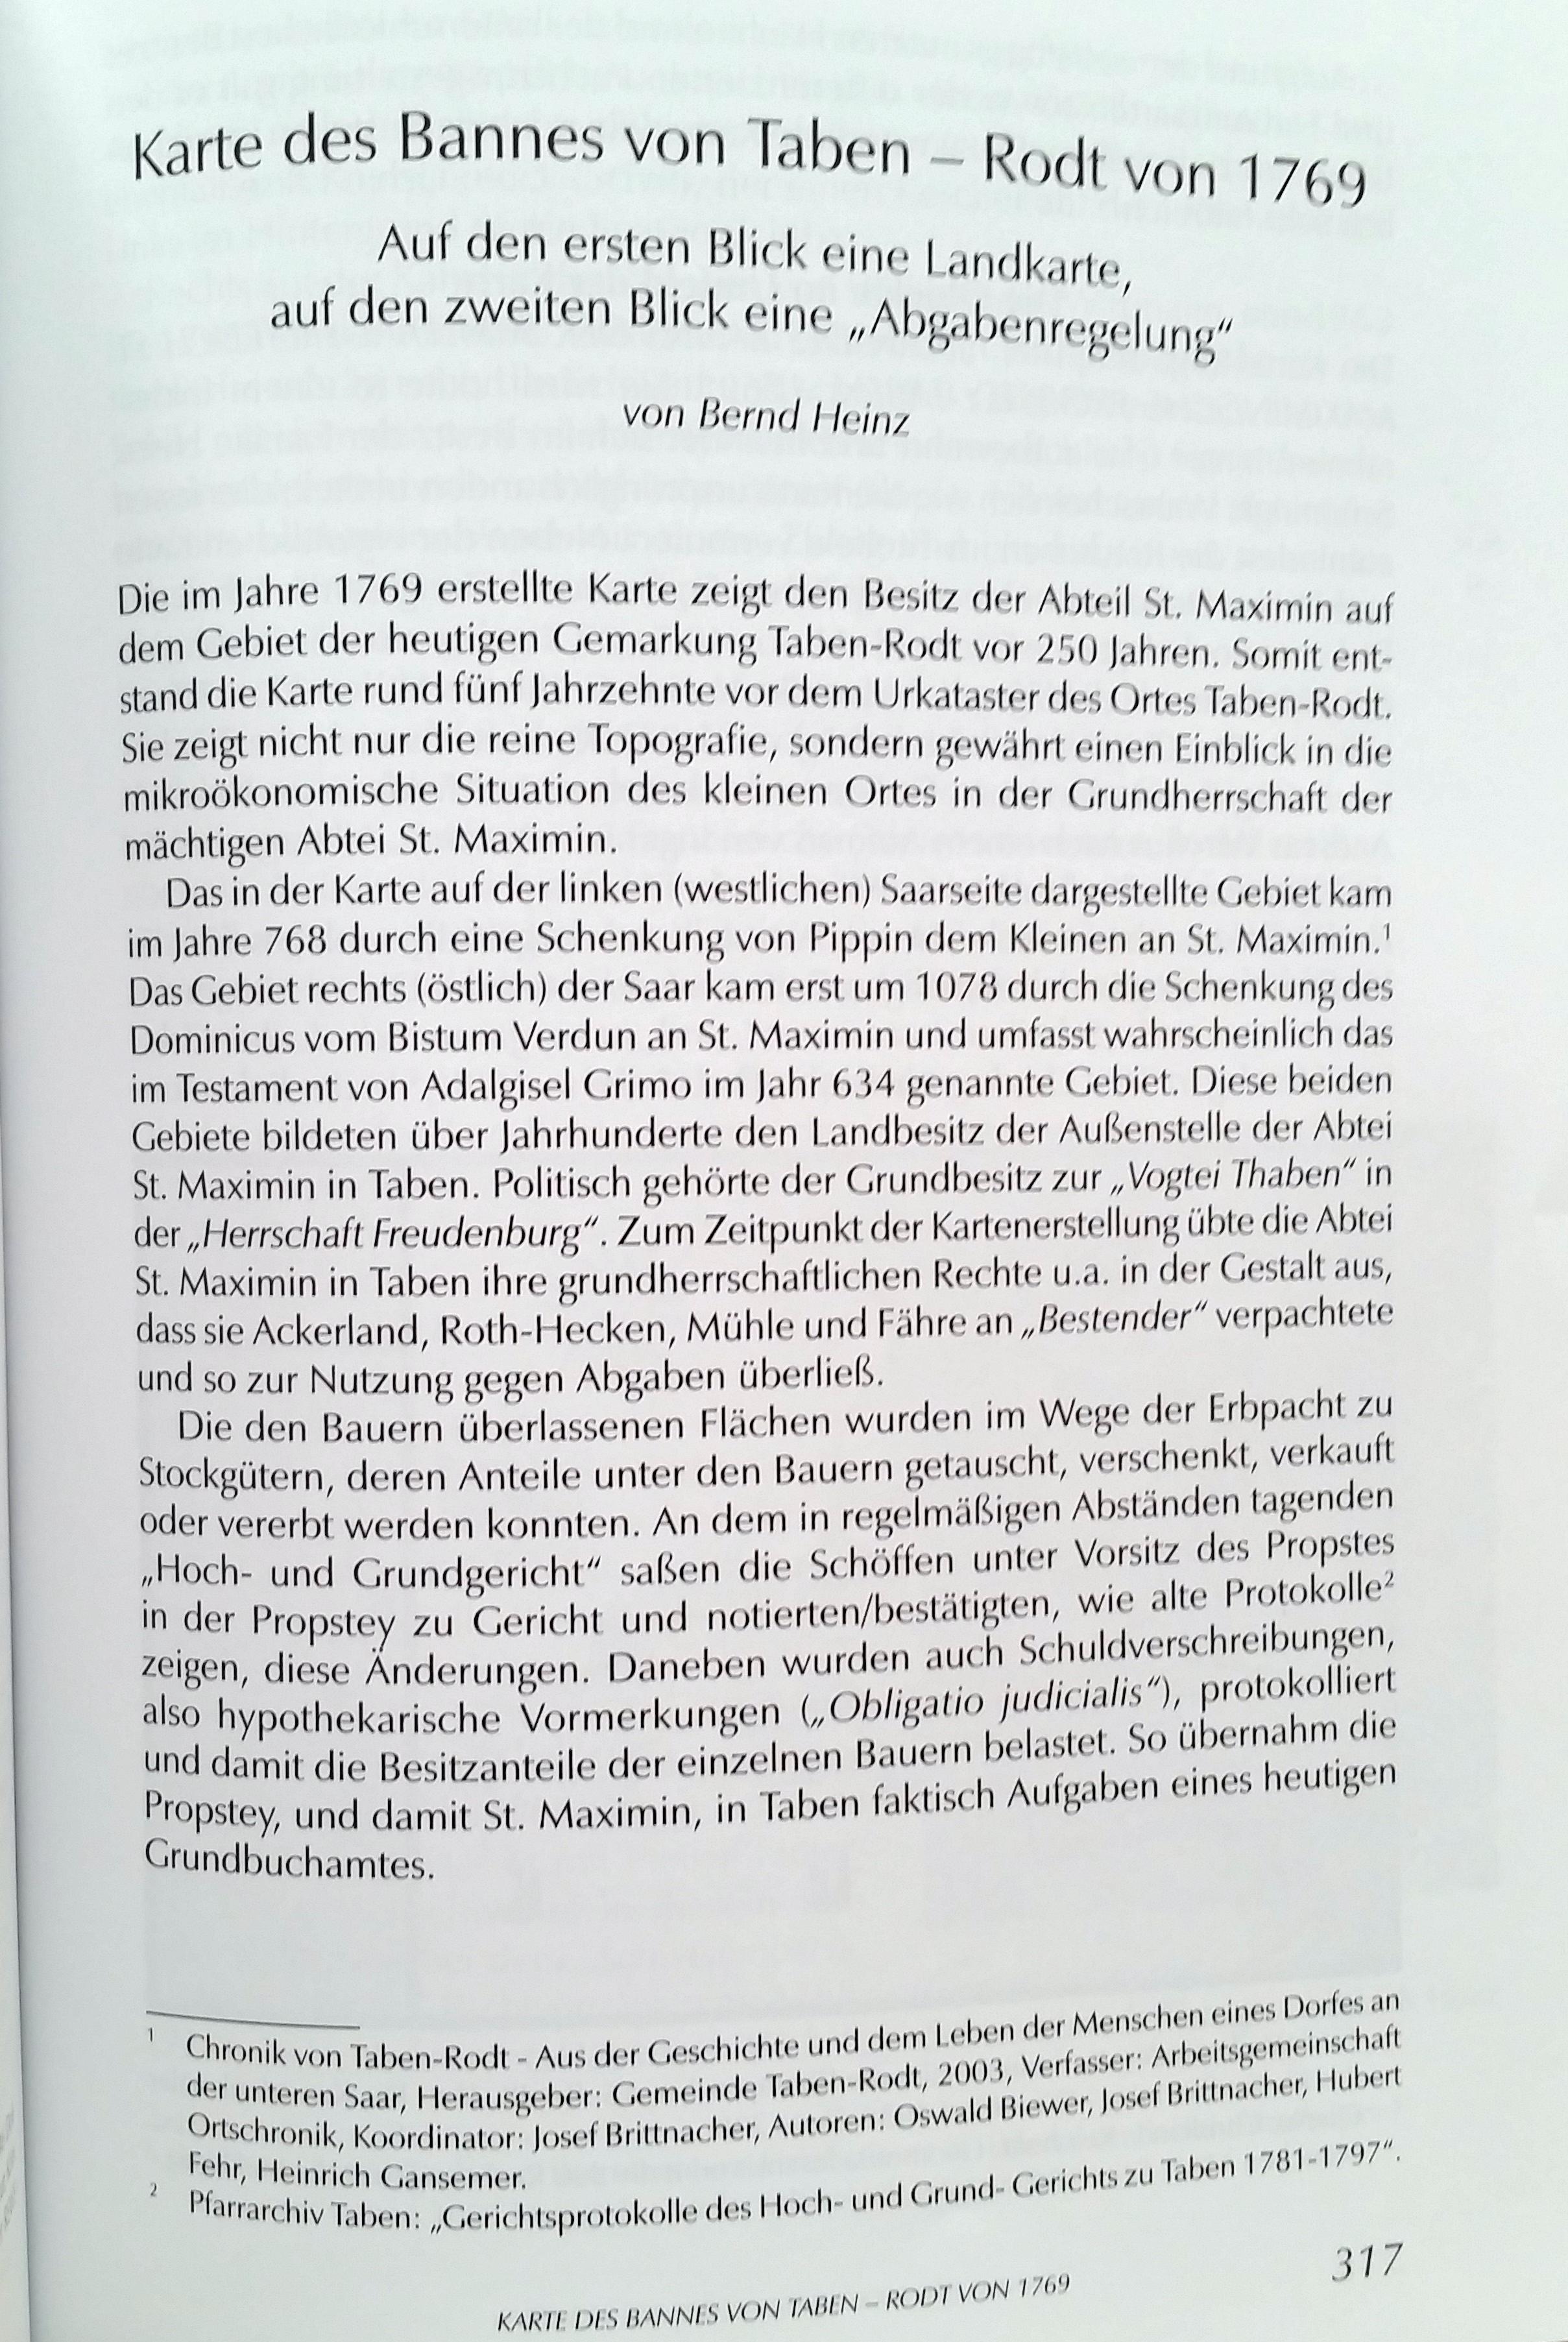 Jahrbuch 2019 Beitrag: Karte des Bannes von Taben-Rodt von 1769